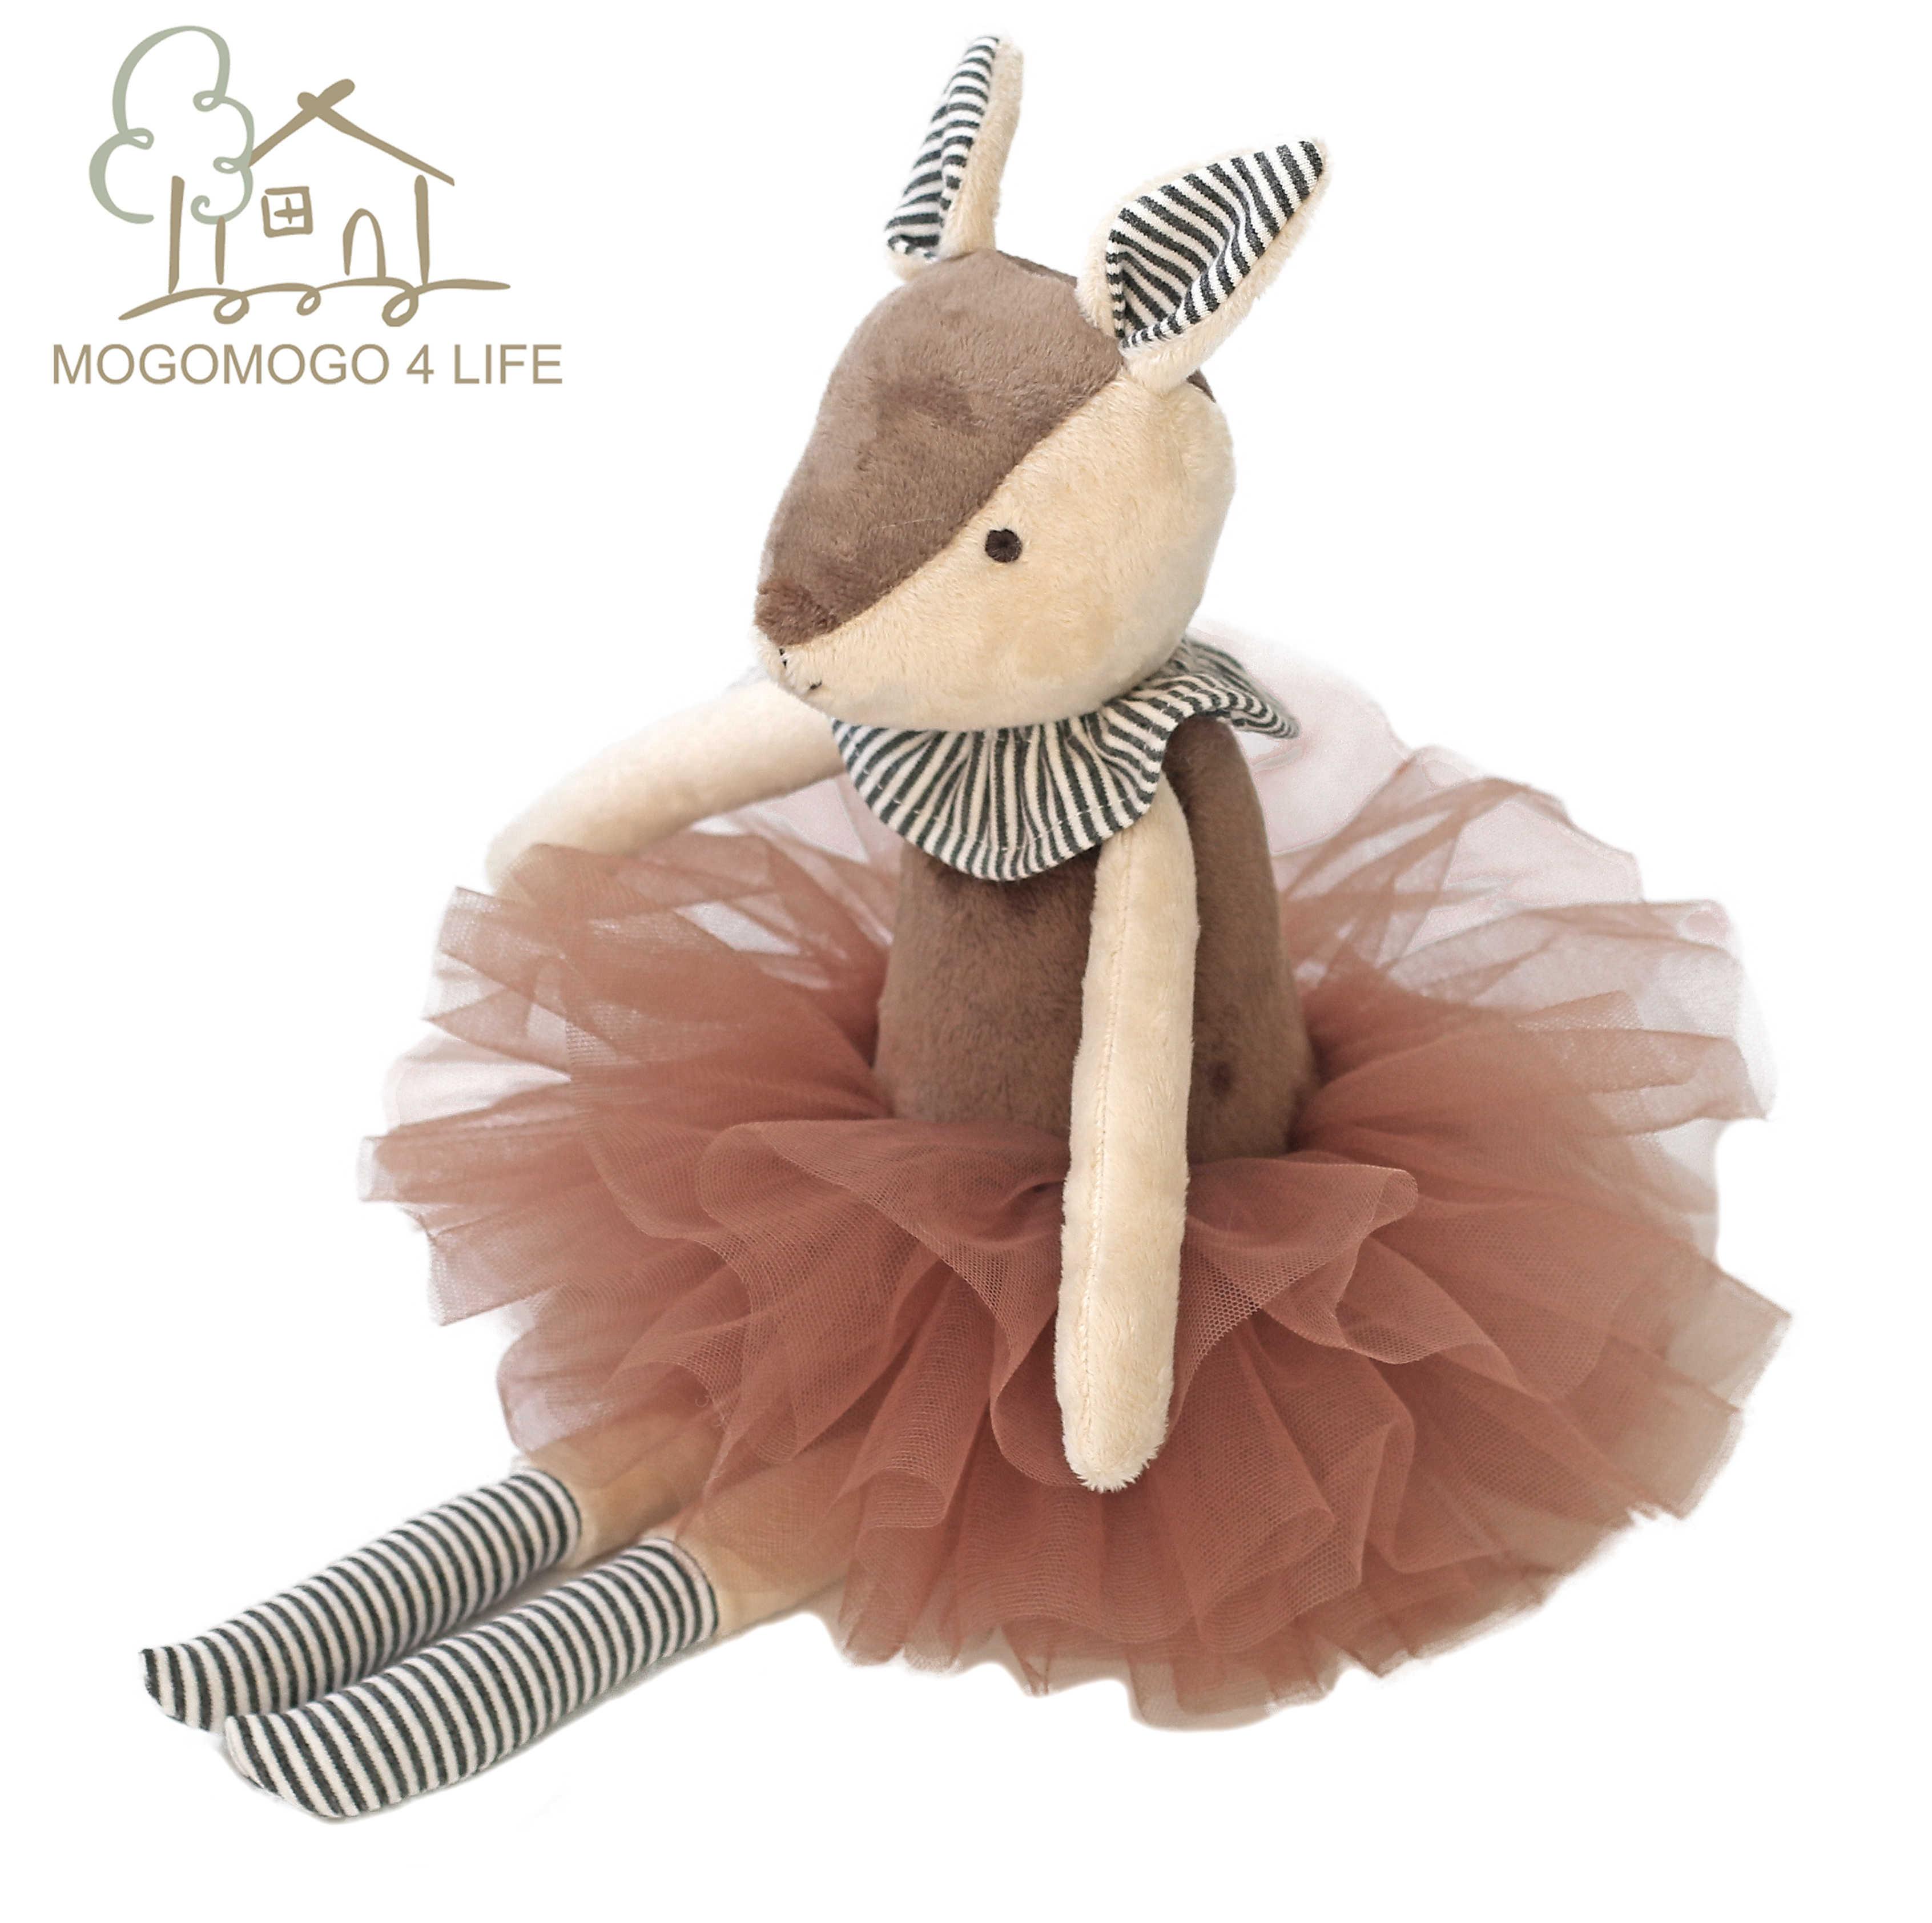 Lüks Mogo el yapımı 37cm sevimli geyik tutu peluş oyuncak yumuşak doldurulmuş hayvan bebek dekoratif oyuncaklar yumuşak geyik ev aksesuarları